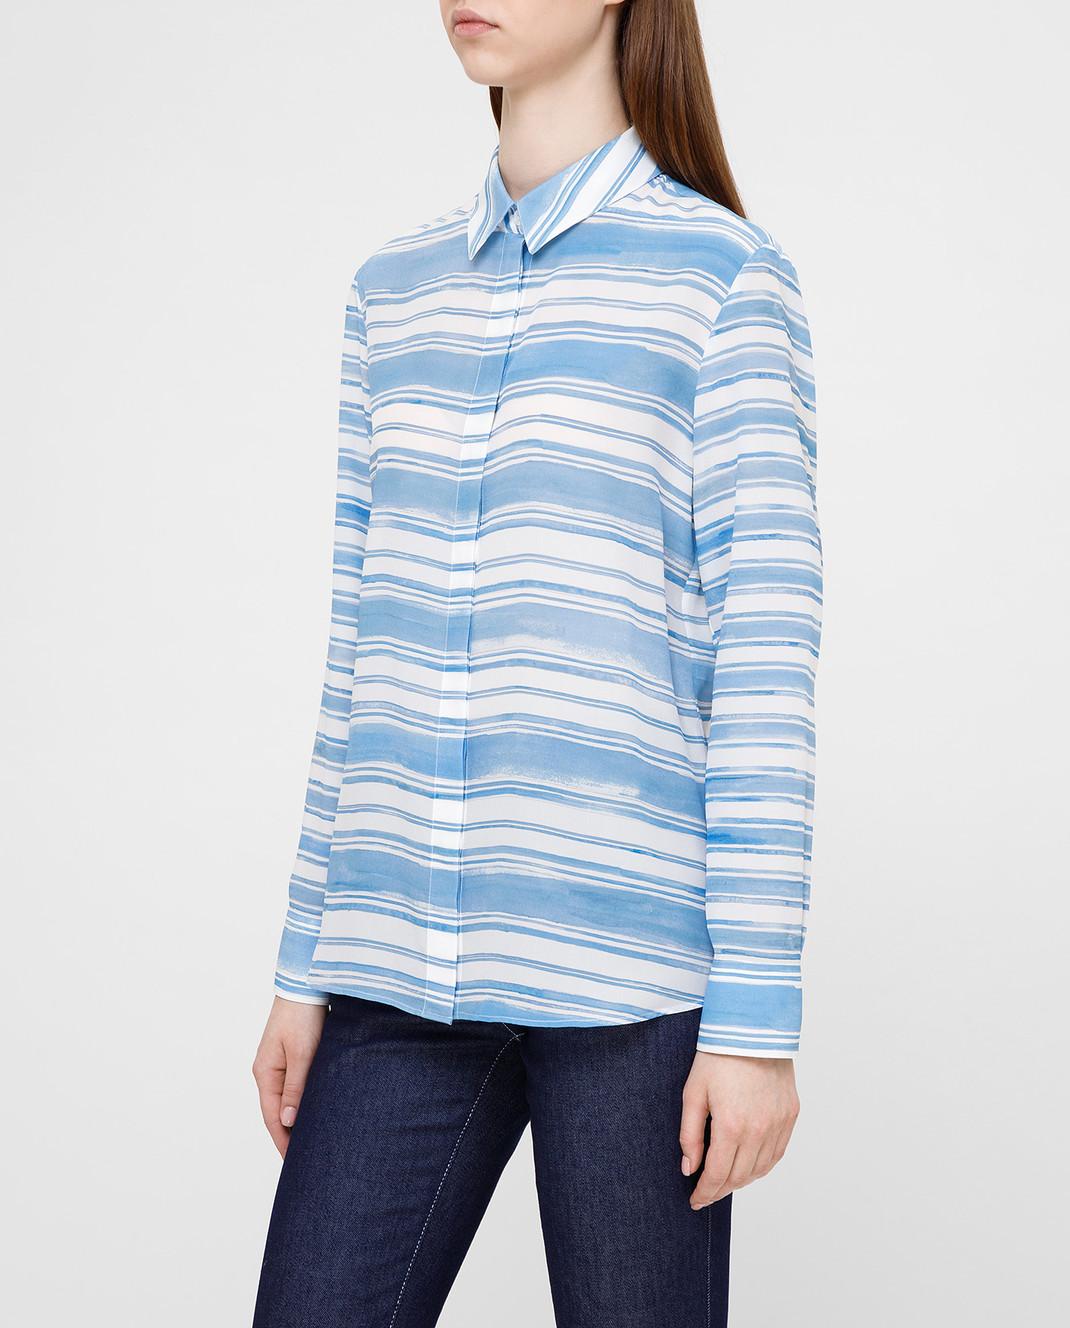 Altuzarra Голубая рубашка из шелка изображение 3